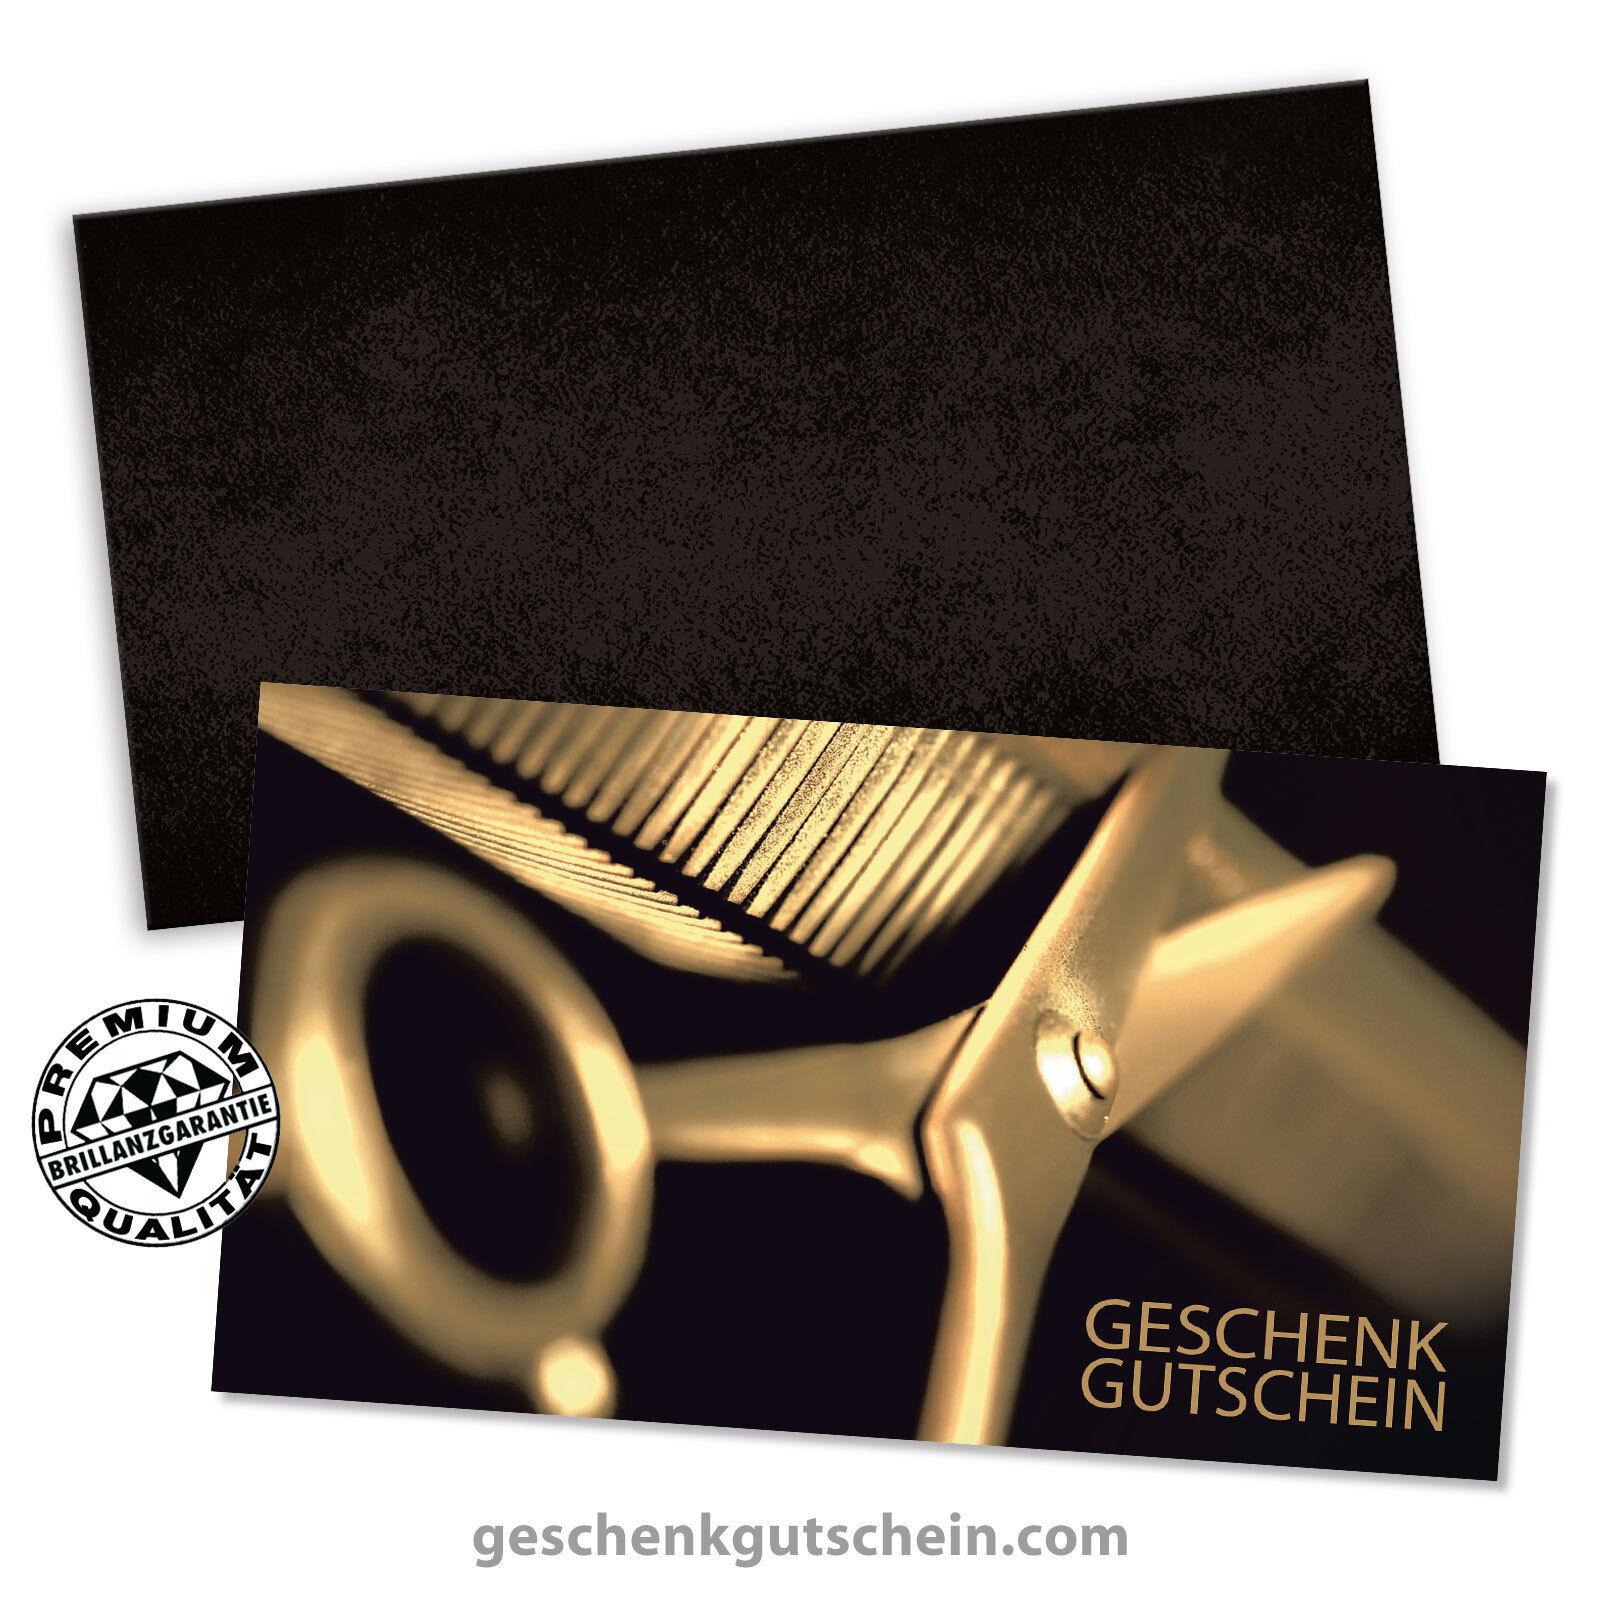 Gutscheinkarten  Standard  + KuGrüns für Friseure, Coiffeure, Hairstyling K1268